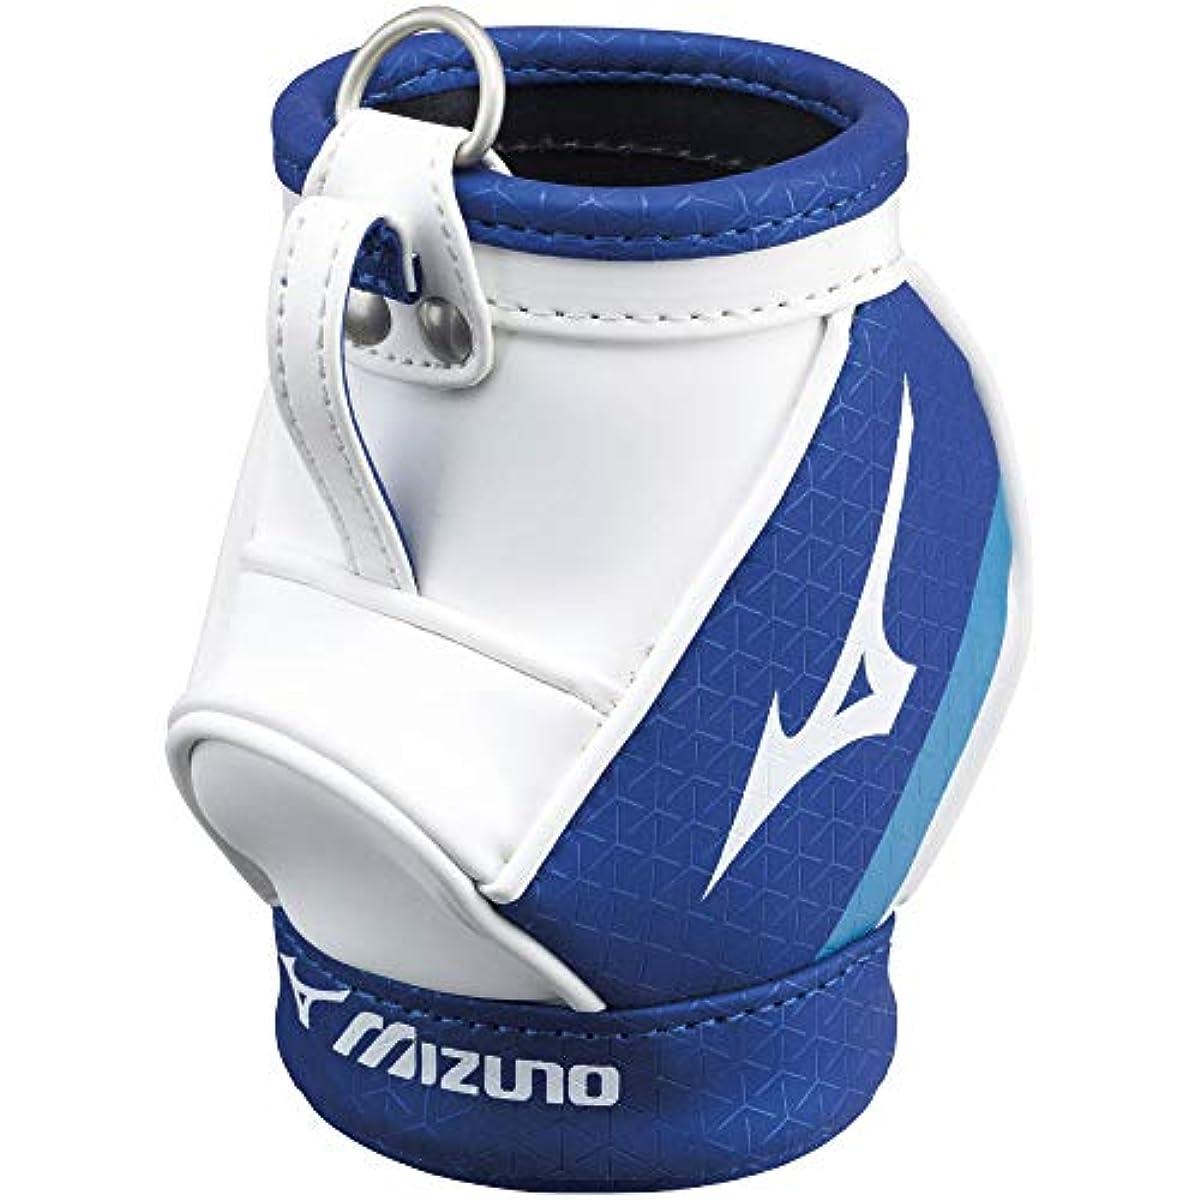 [해외] MIZUNO(미즈노) 골프 펜 케이스 투어 캐디백 타입 맨즈 8×8×13㎝ 화이트×네이비 5LJP202100